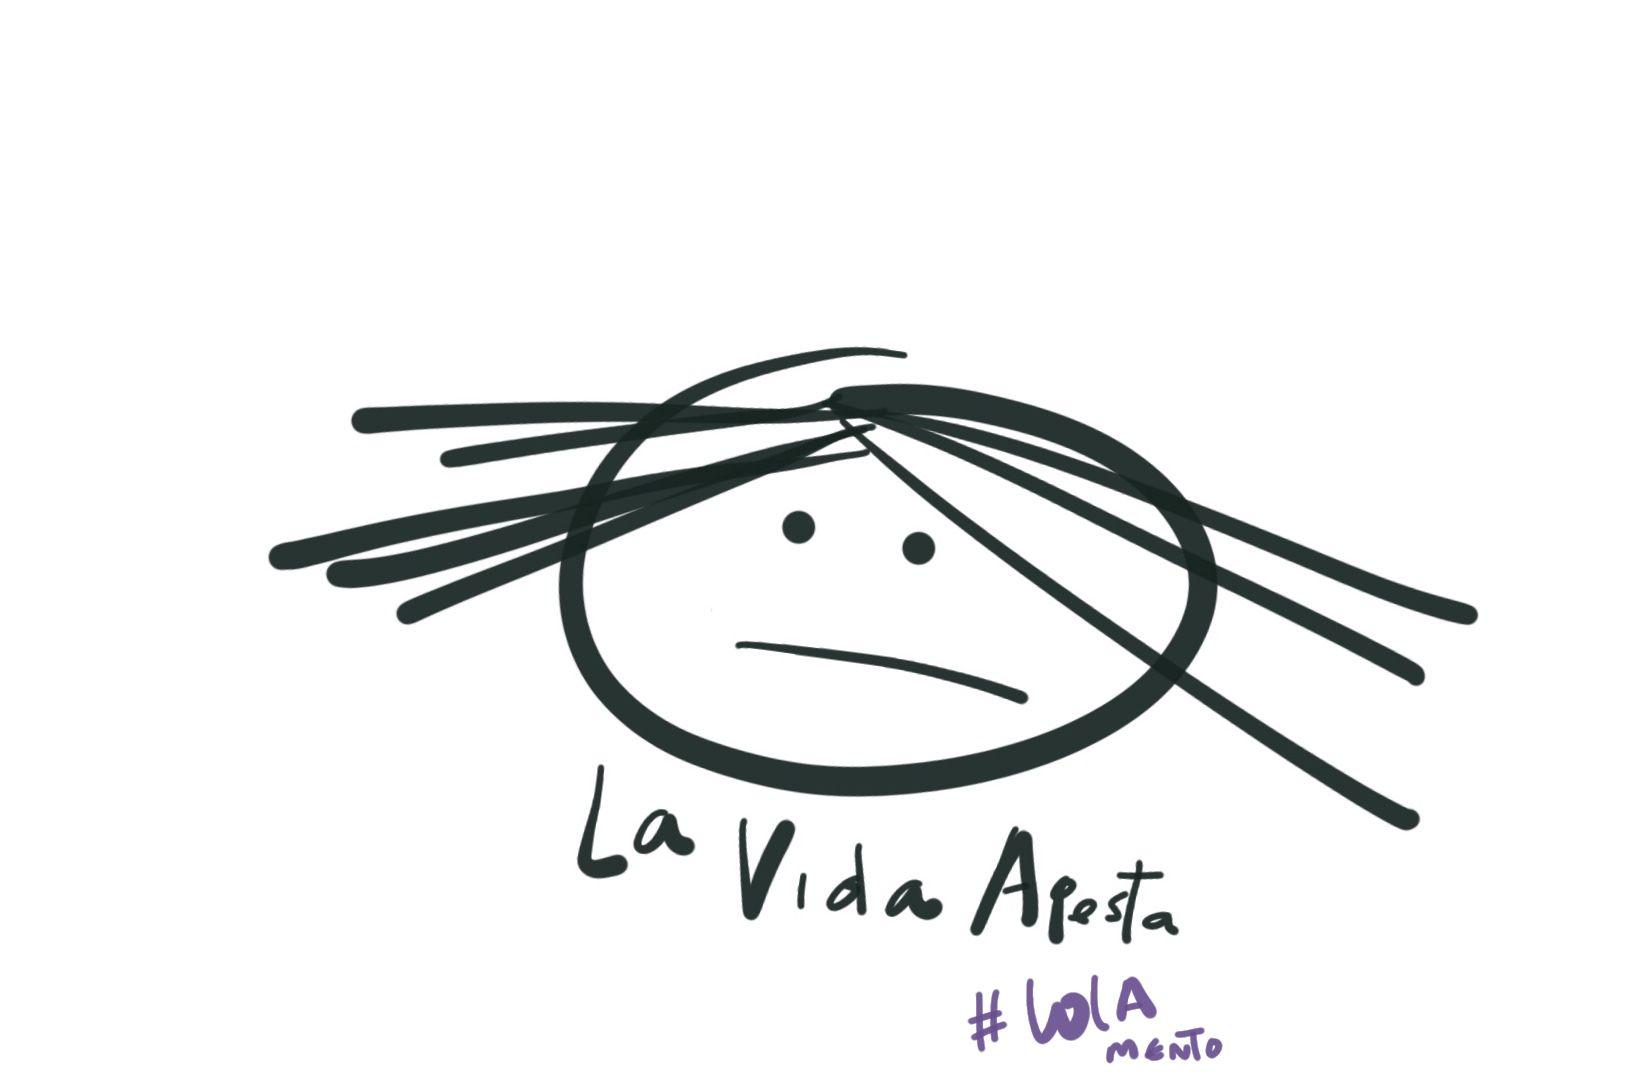 La vida apesta #LolaMento